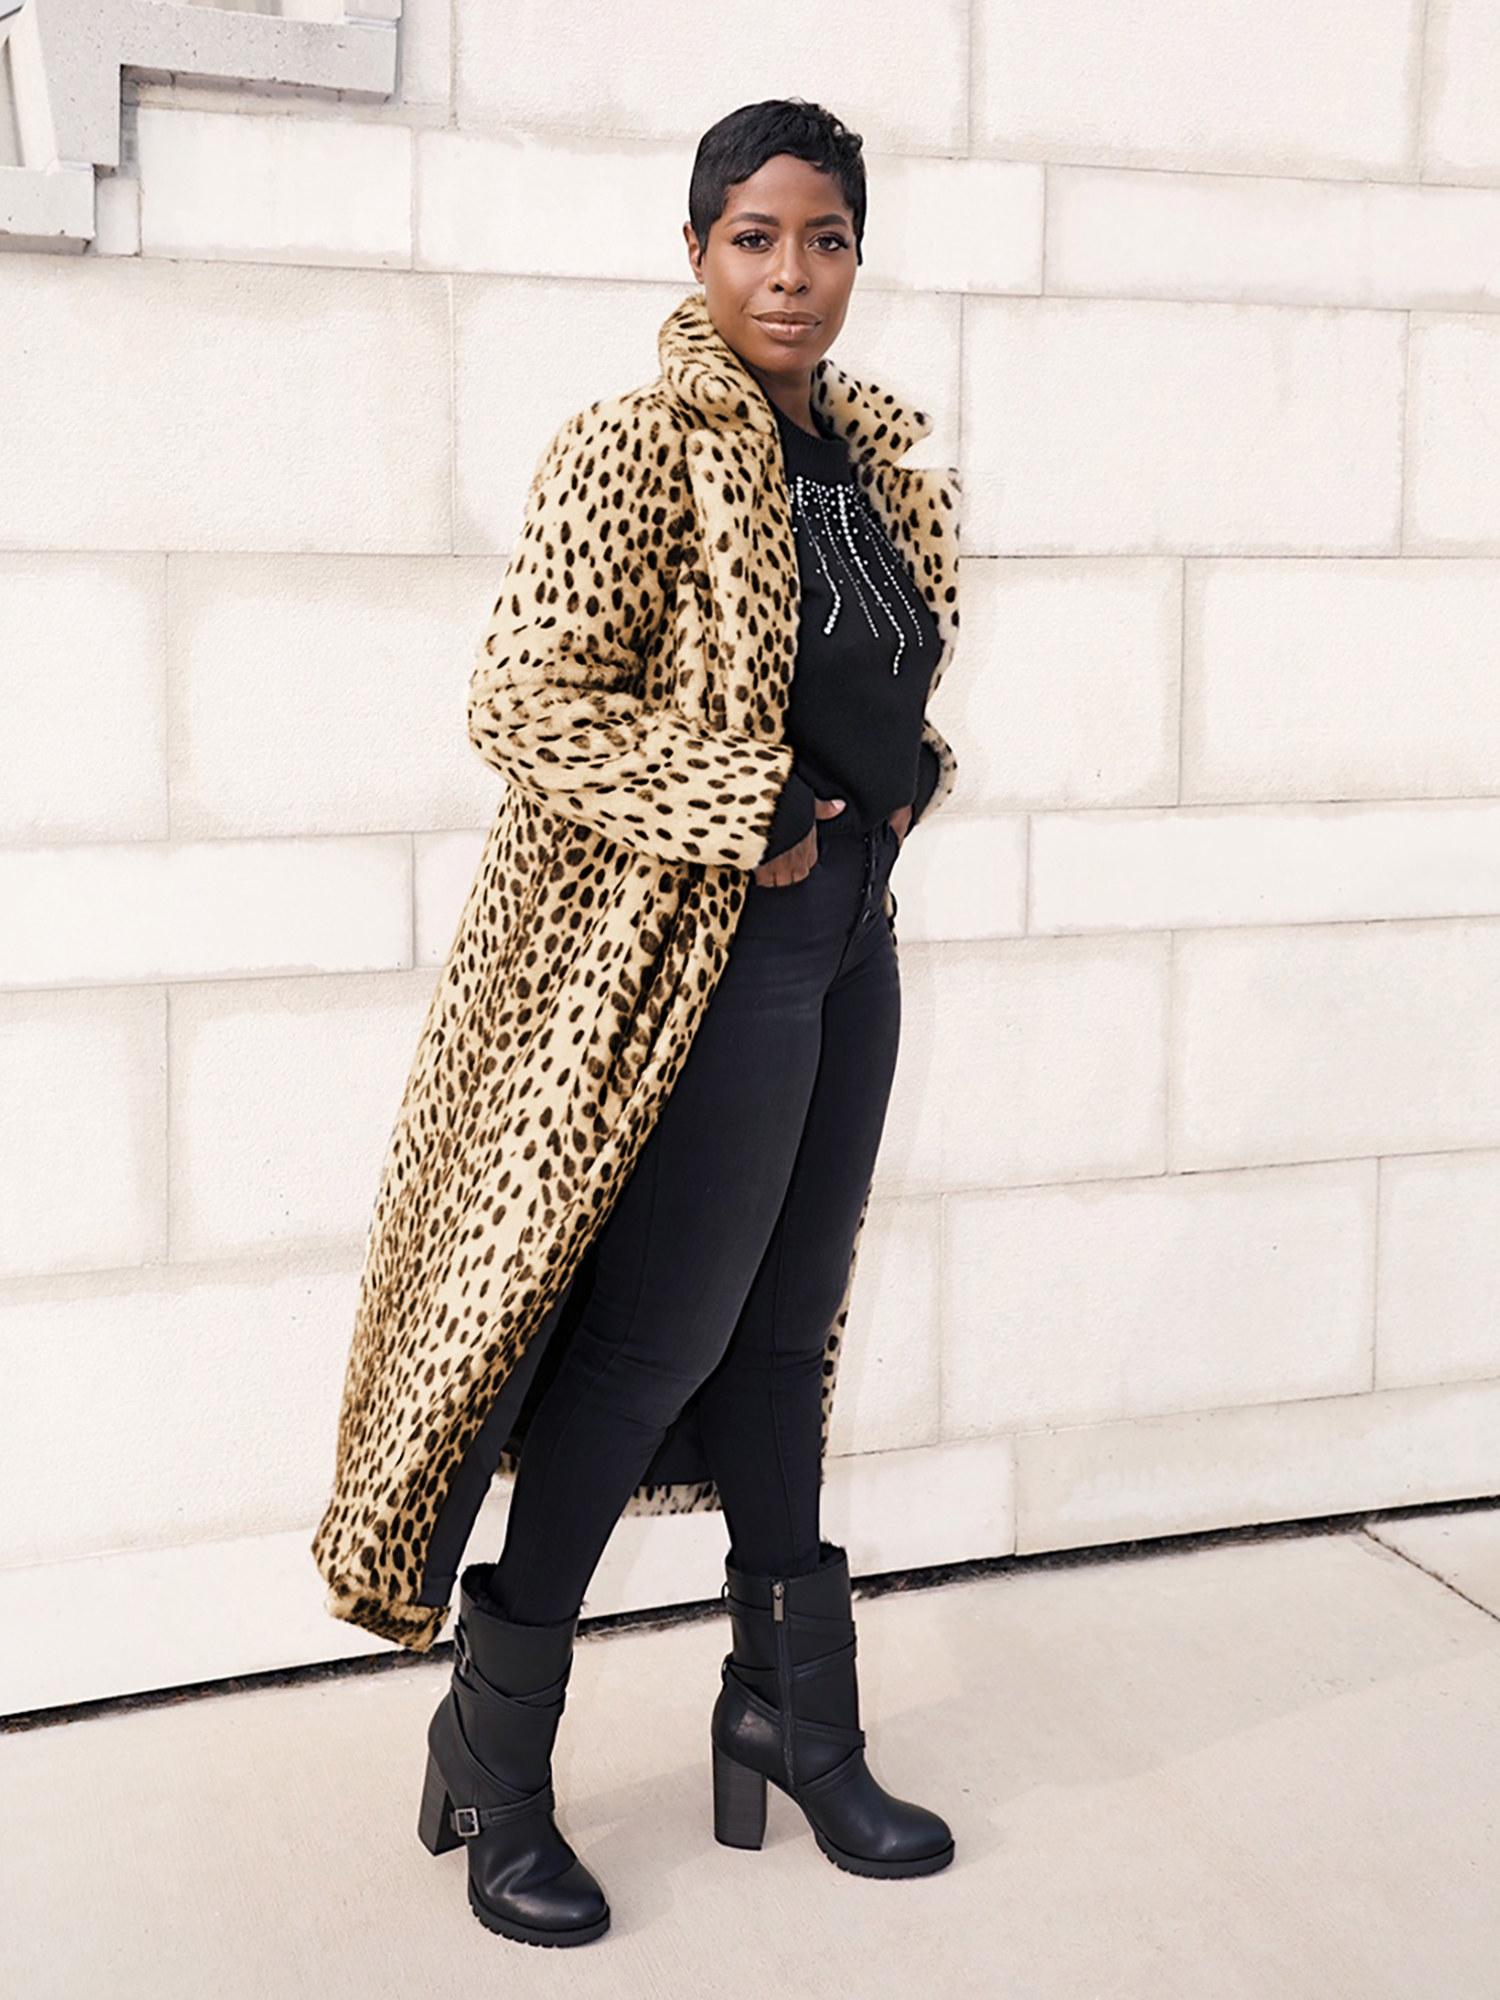 Model wearing the leopard coat